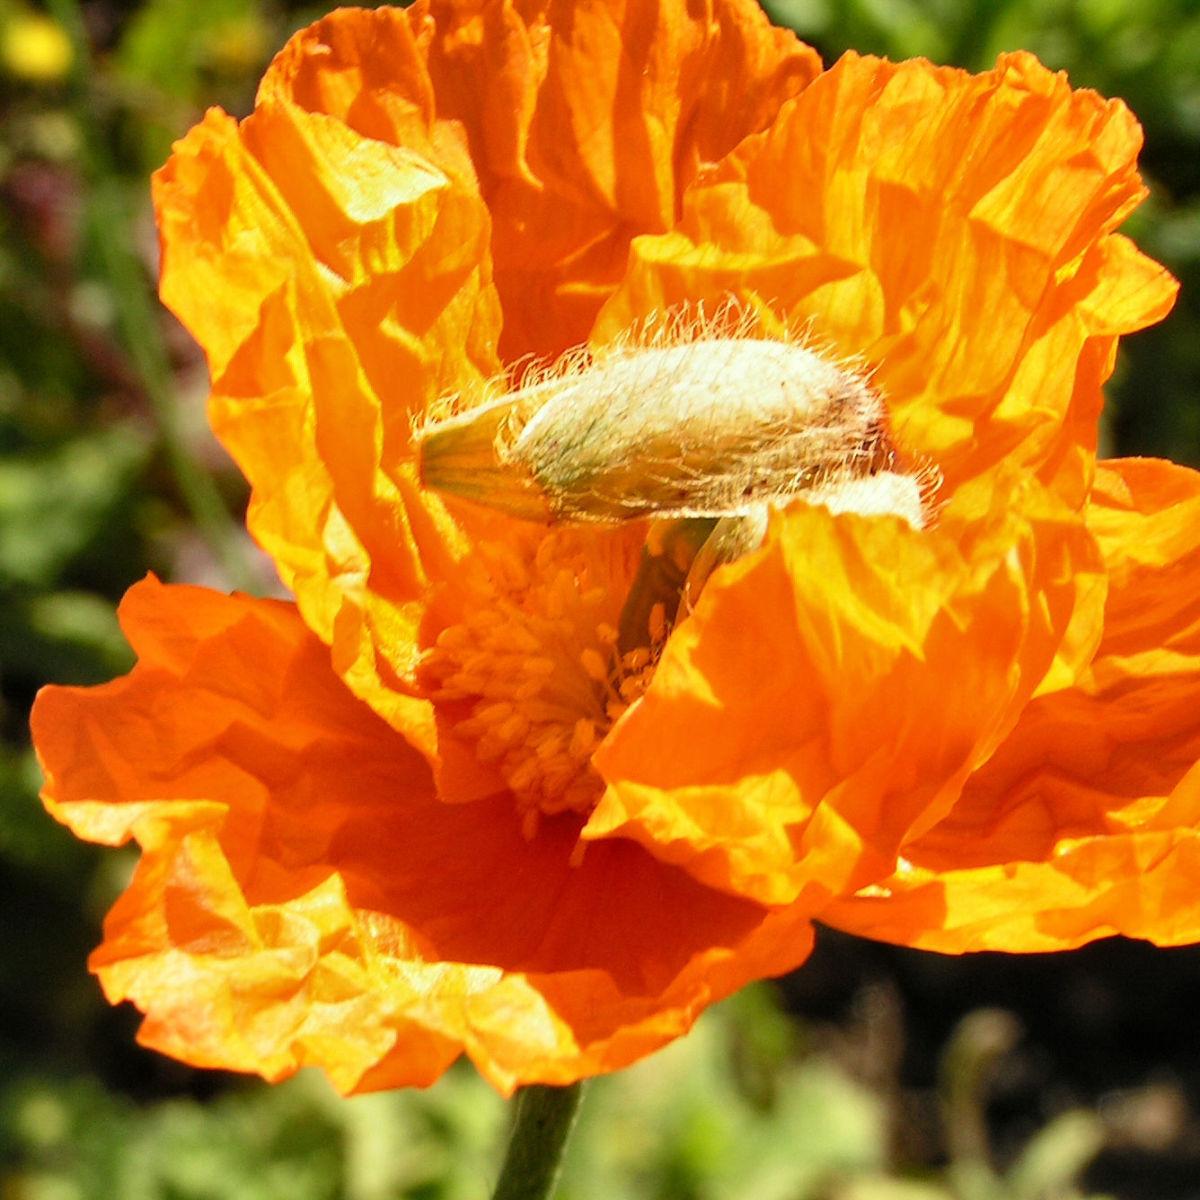 Lapplaendischer Mohn Bluete orange Papaver lapponicum